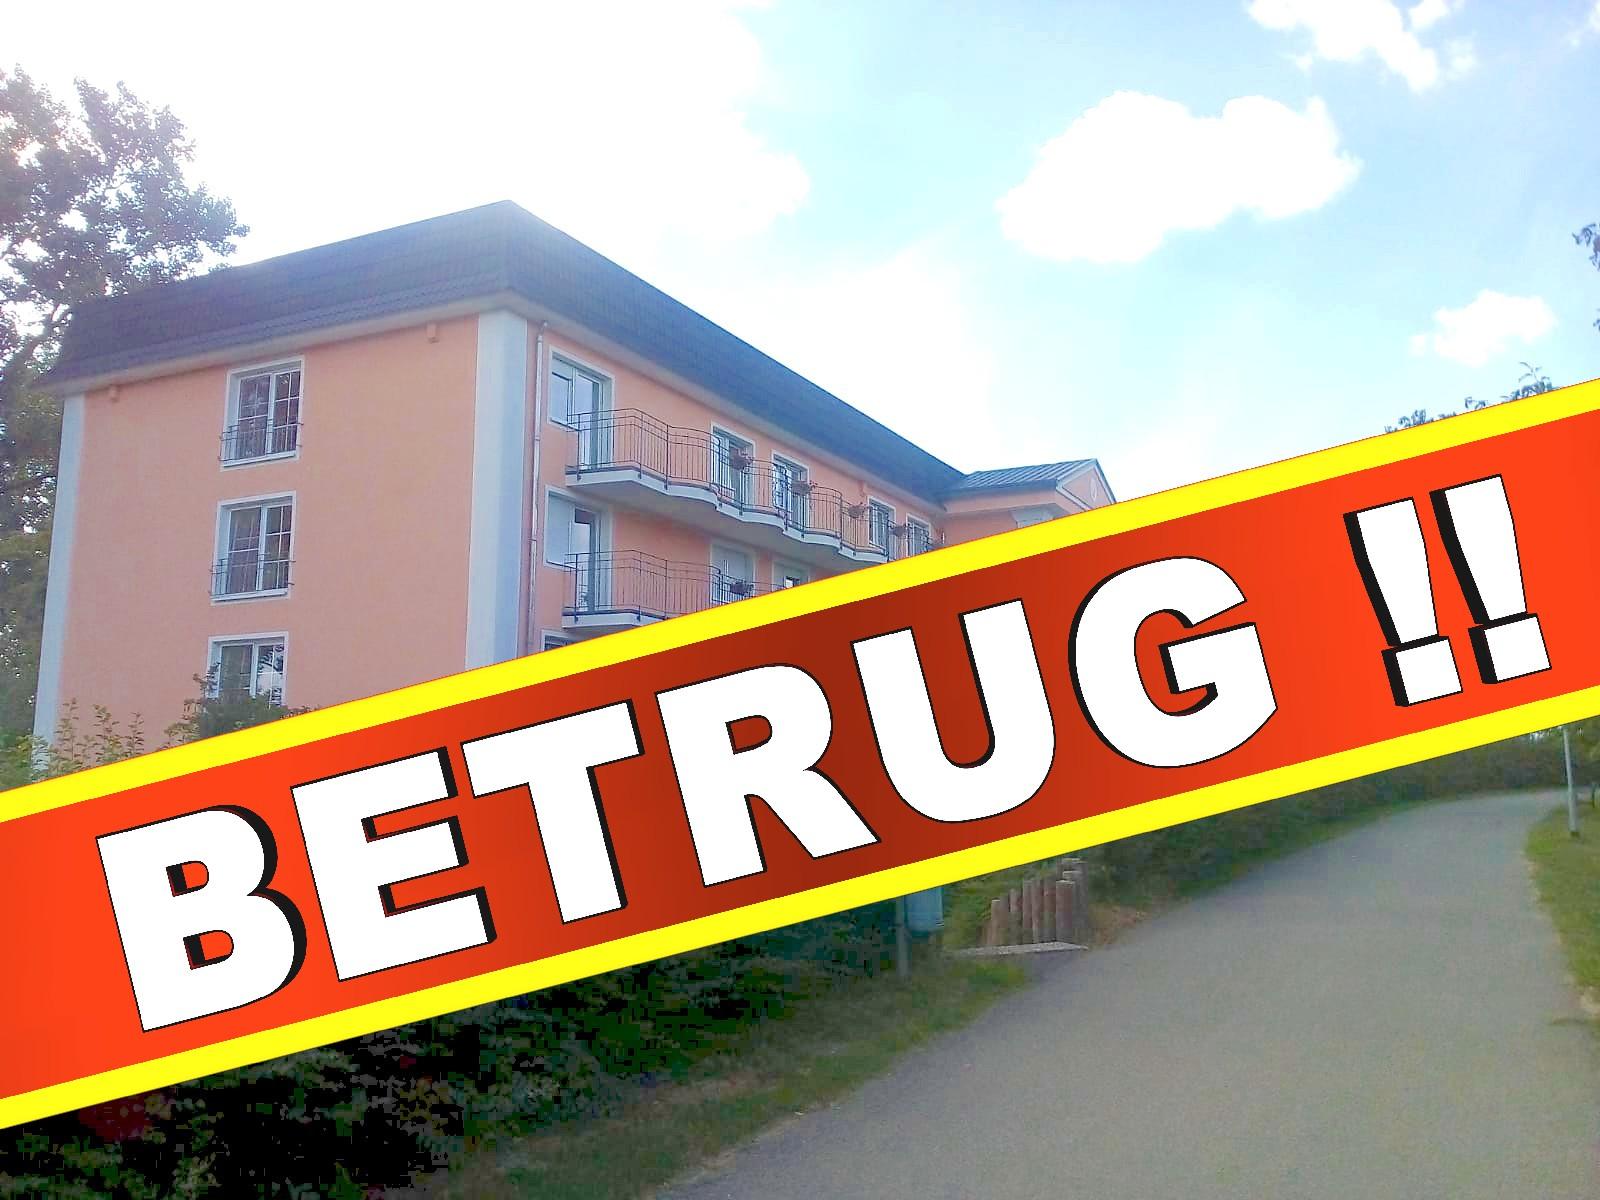 Dr Thiele Kutzenberg öffnungszeiten